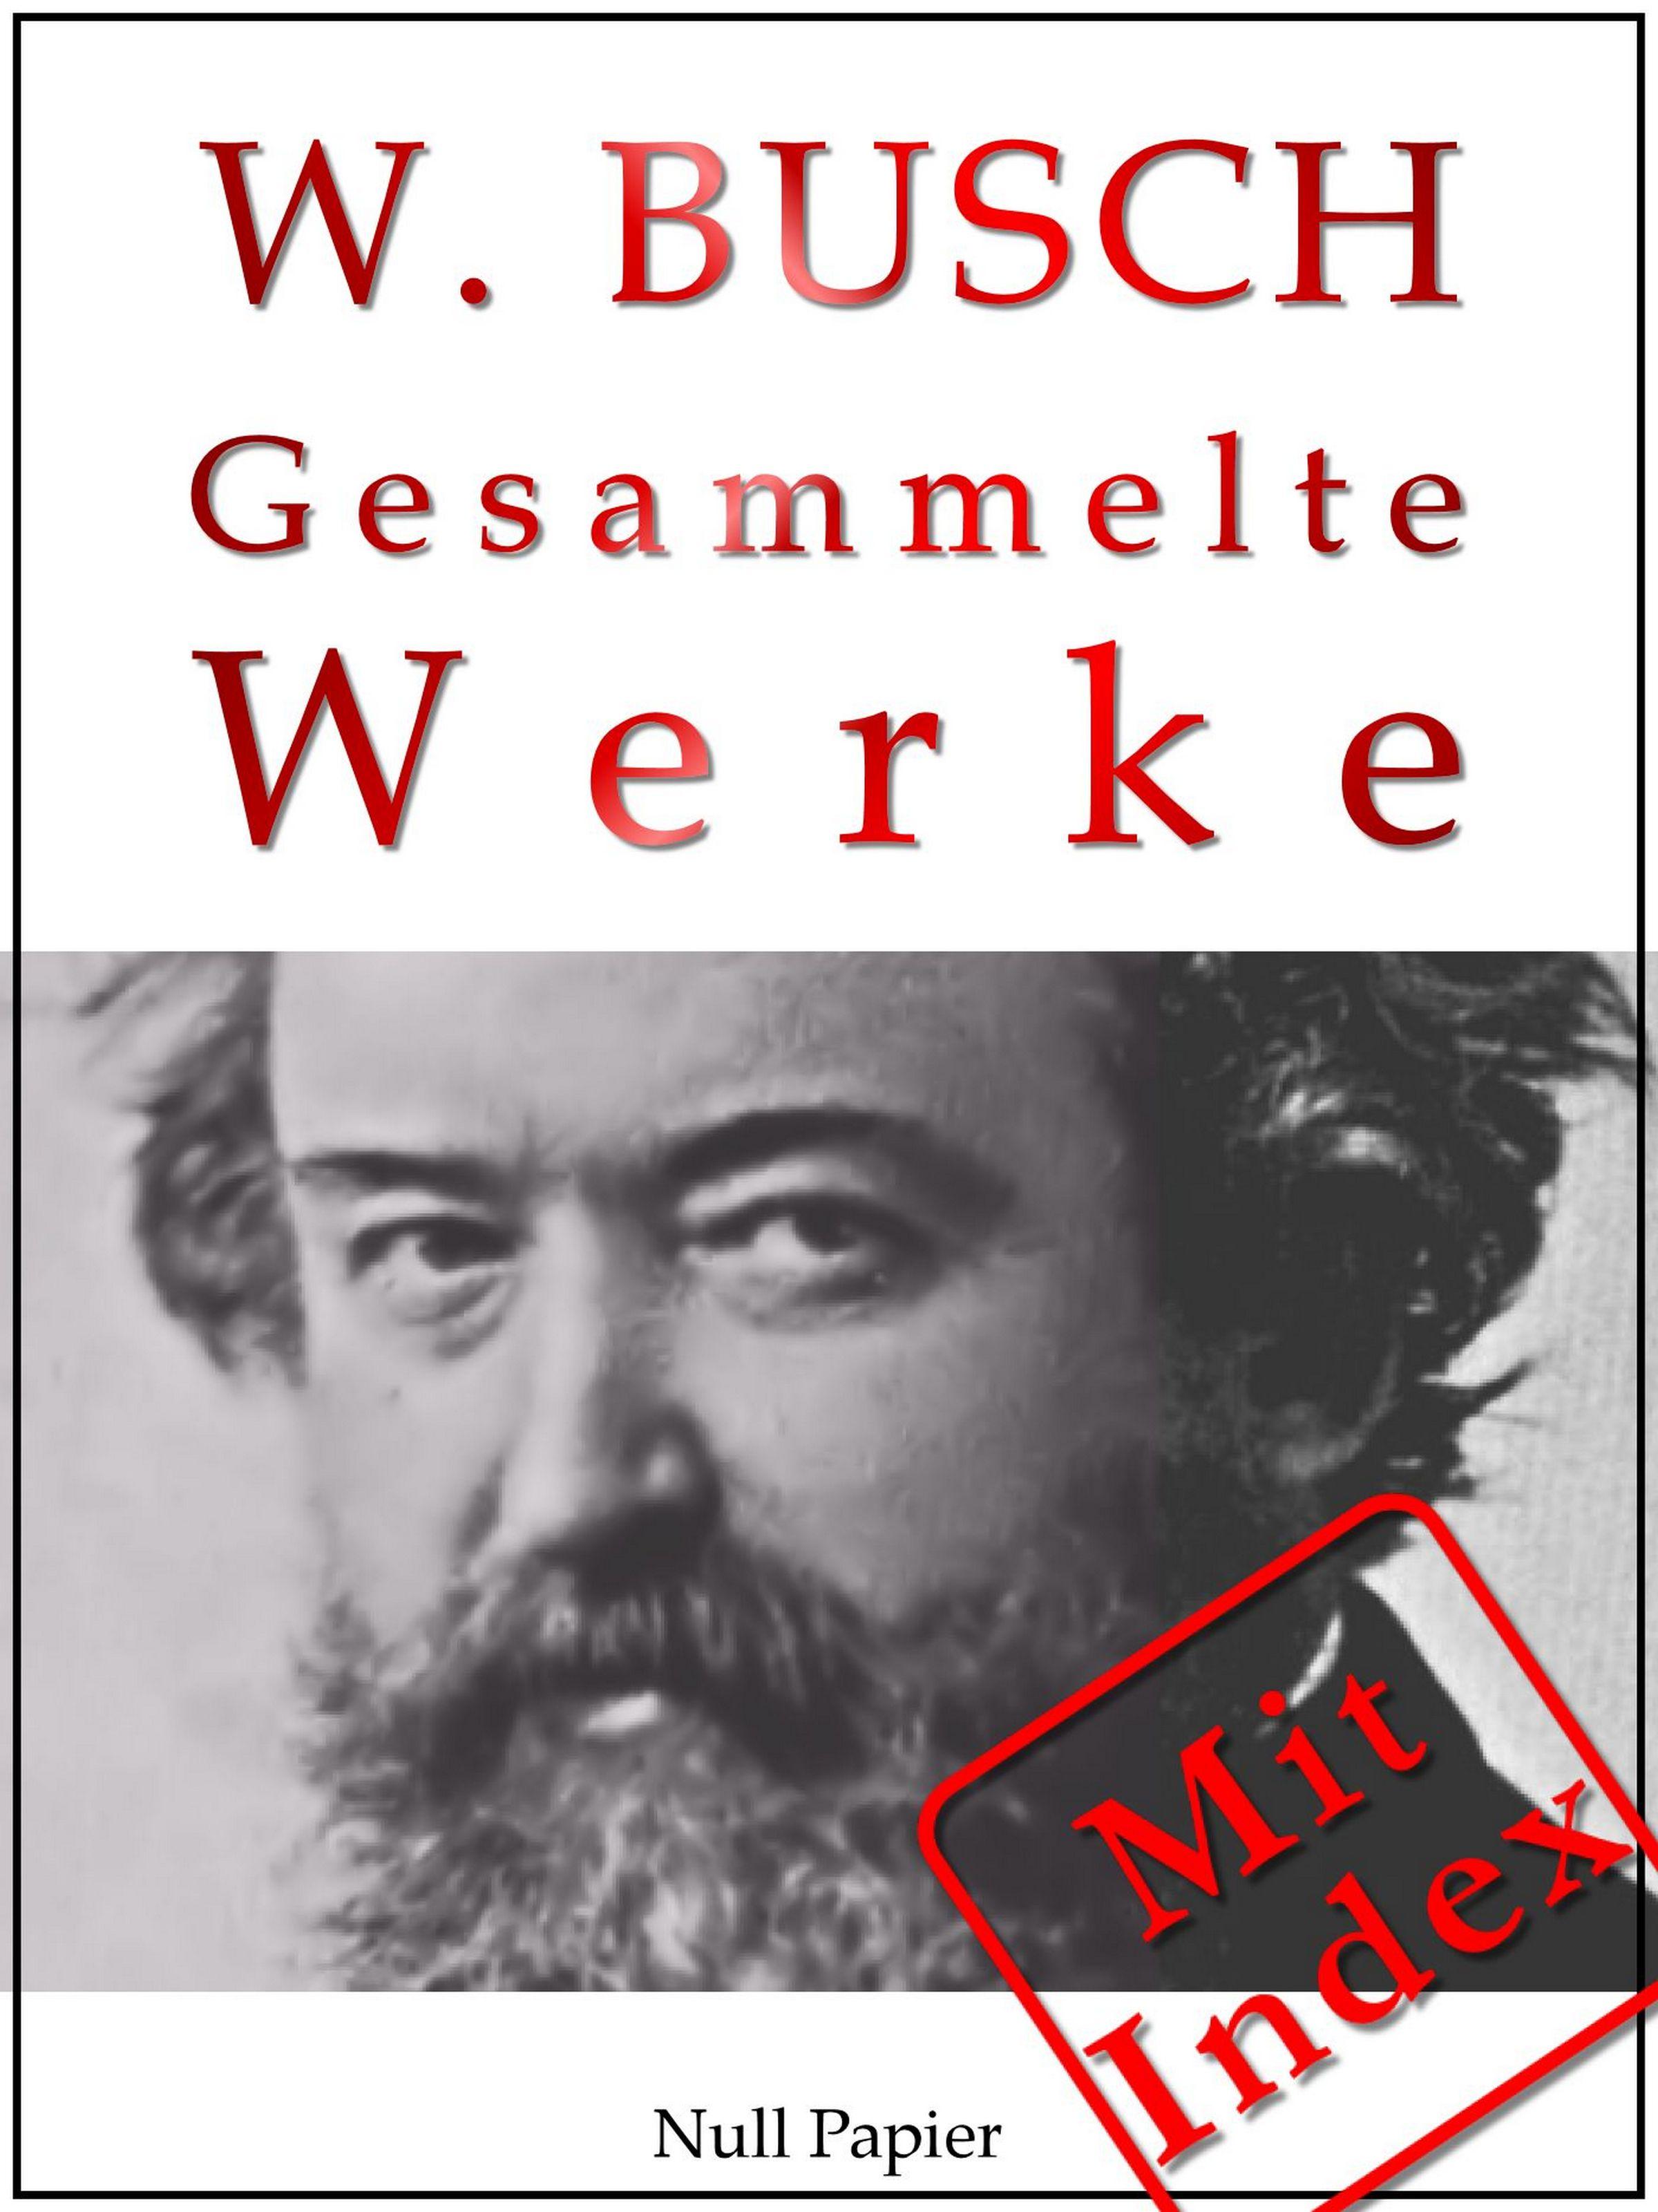 Wilhelm Busch Wilhelm Busch - Gesammelte Werke - Bildergeschichten, Märchen, Erzählungen, Gedichte wilhelm boeck picasso